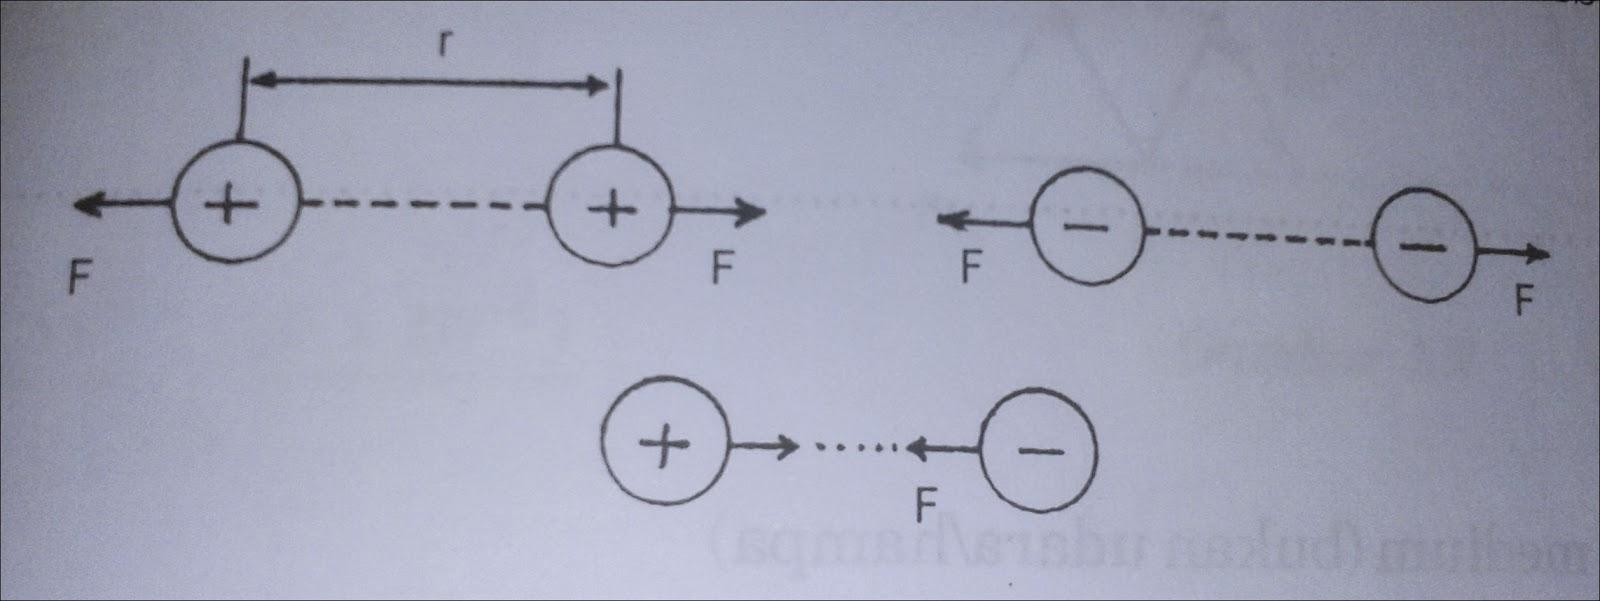 Listrik Statis Materi Fisika Untuk Smk Kelas Xii 12 Jdsk